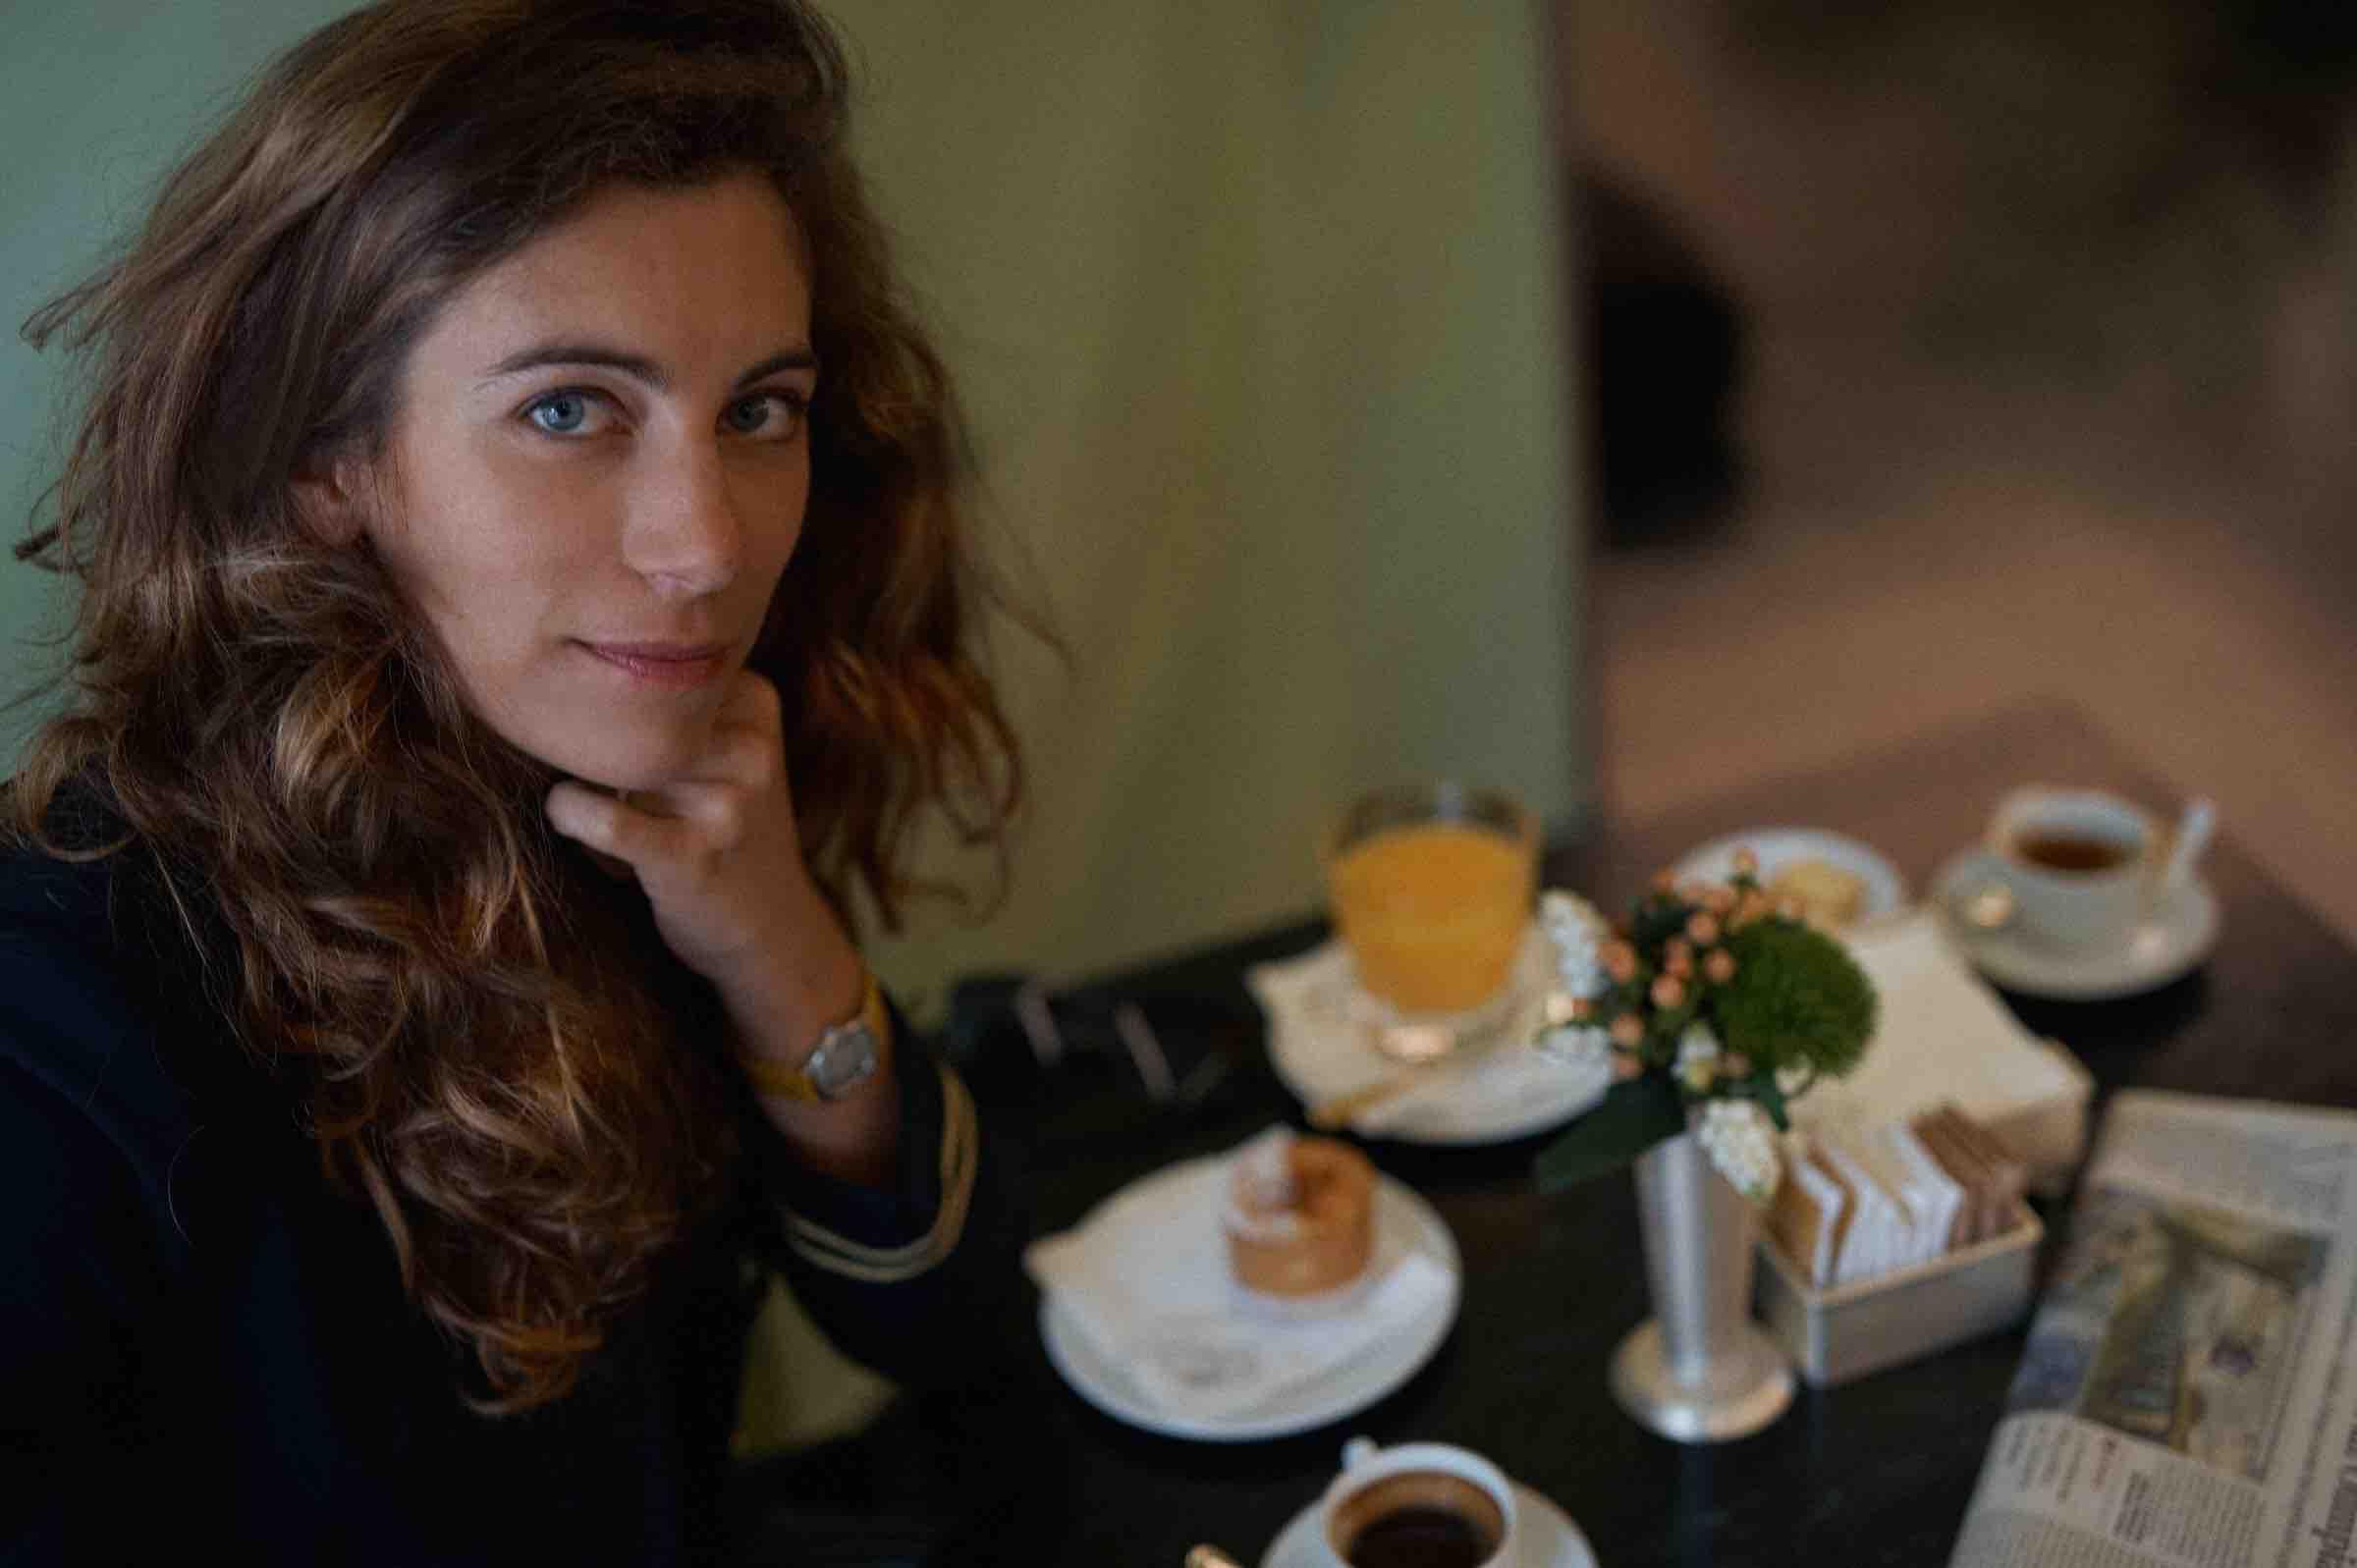 caffe-marchesi-milano-ali-di-firenze-2